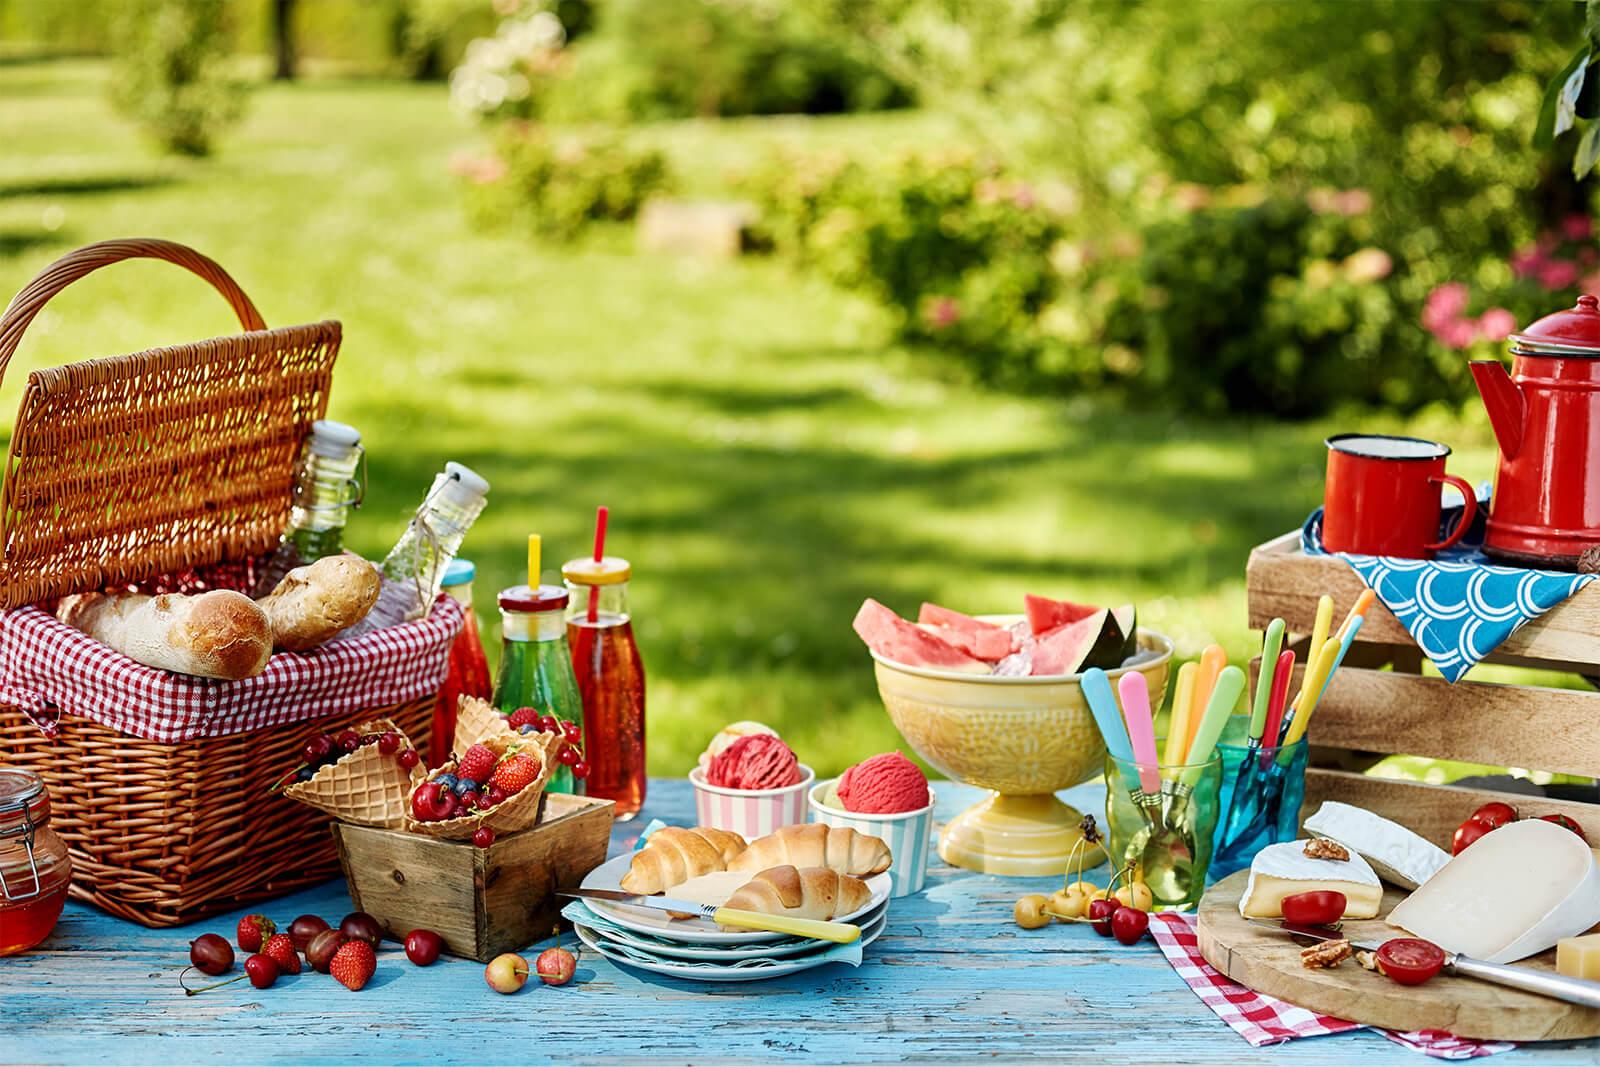 đồ ăn cho picnic